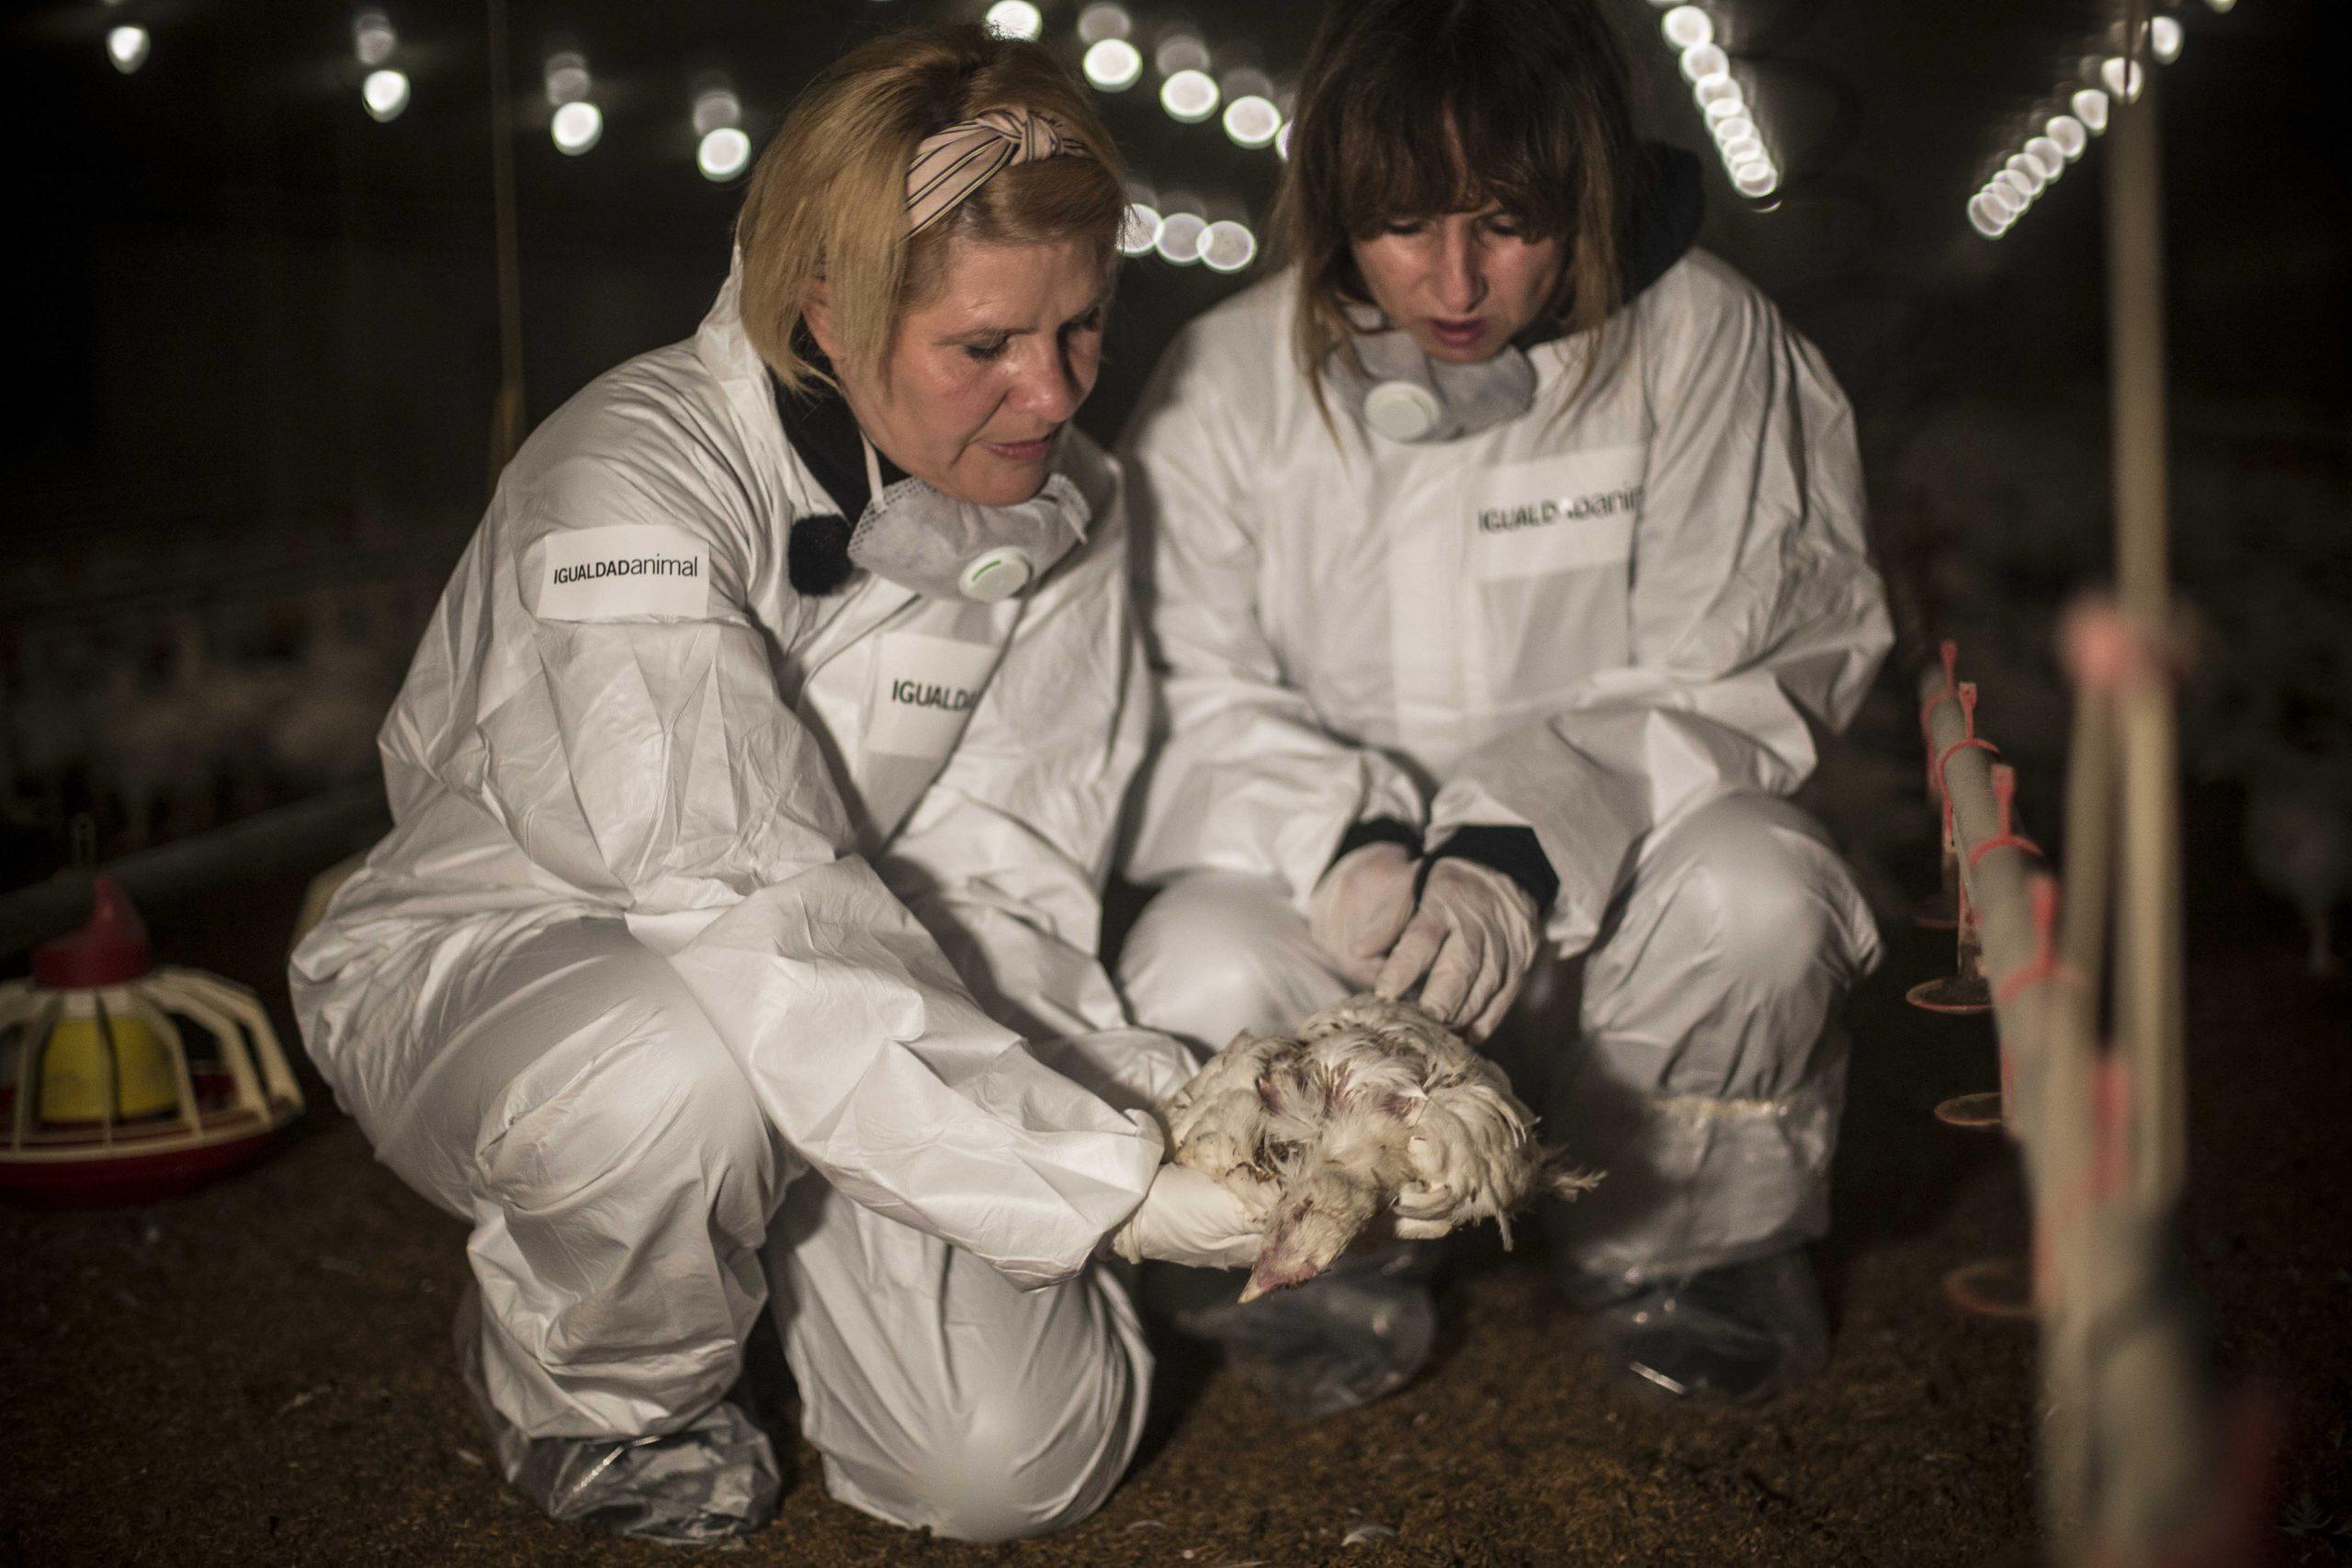 Silvia Barquero (i), presidenta de Igualdad Animal, y Ana Pardo de Vera, con uno de los cadáveres de pollos encontrados en la granja avícola investigada. JAIRO VARGAS